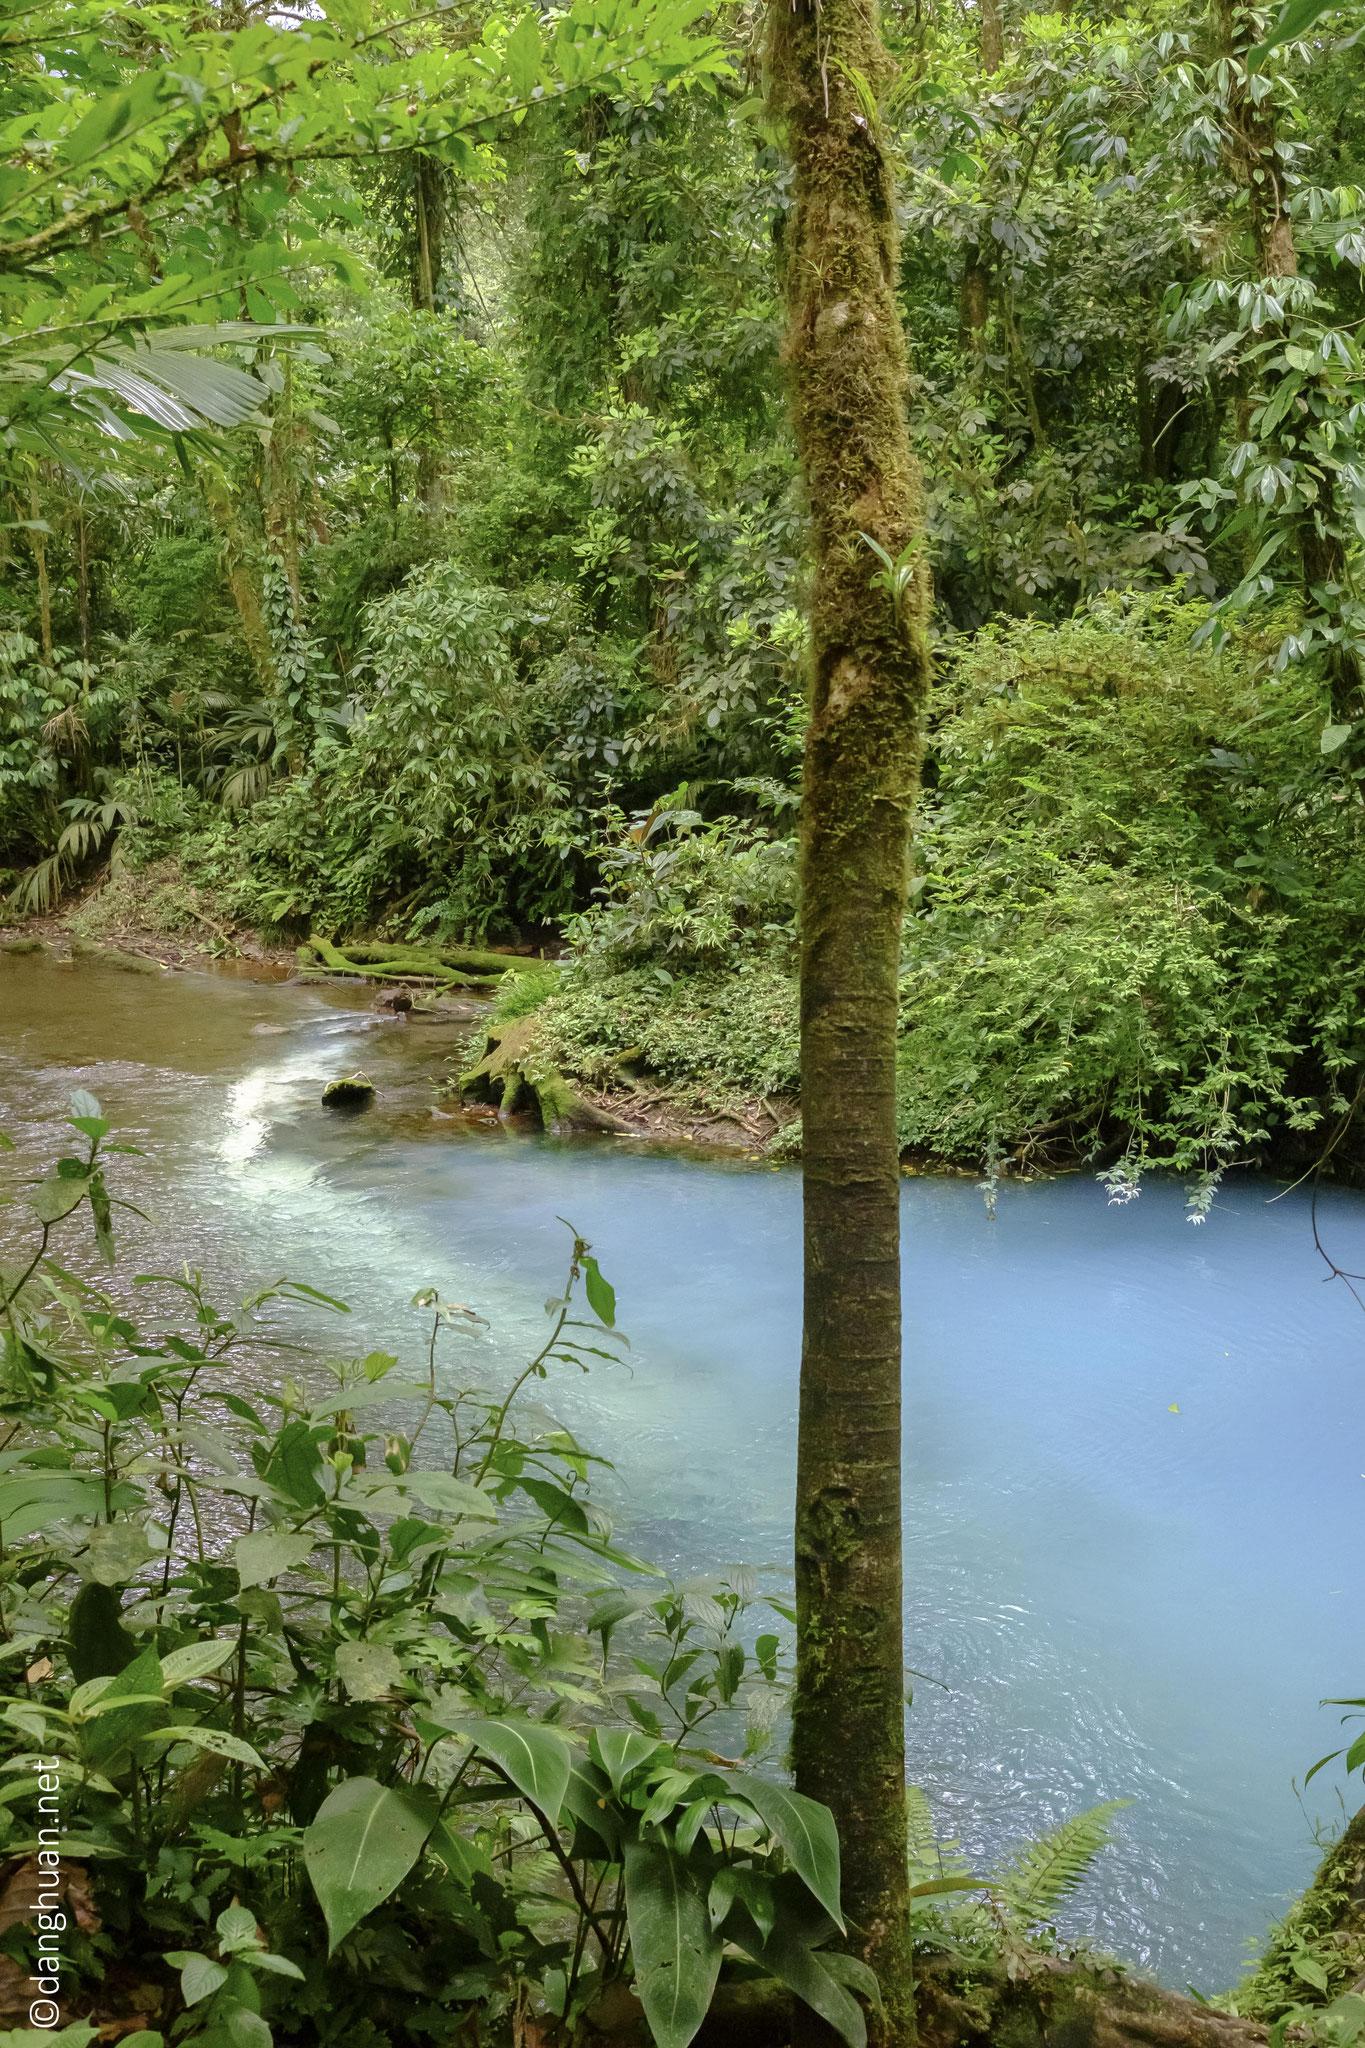 produit à la rencontre des 2 rivières : la Quebrada Agria (pH acide) et le Rio Buenavista (chargé en particules de silicates d'aluminium)...